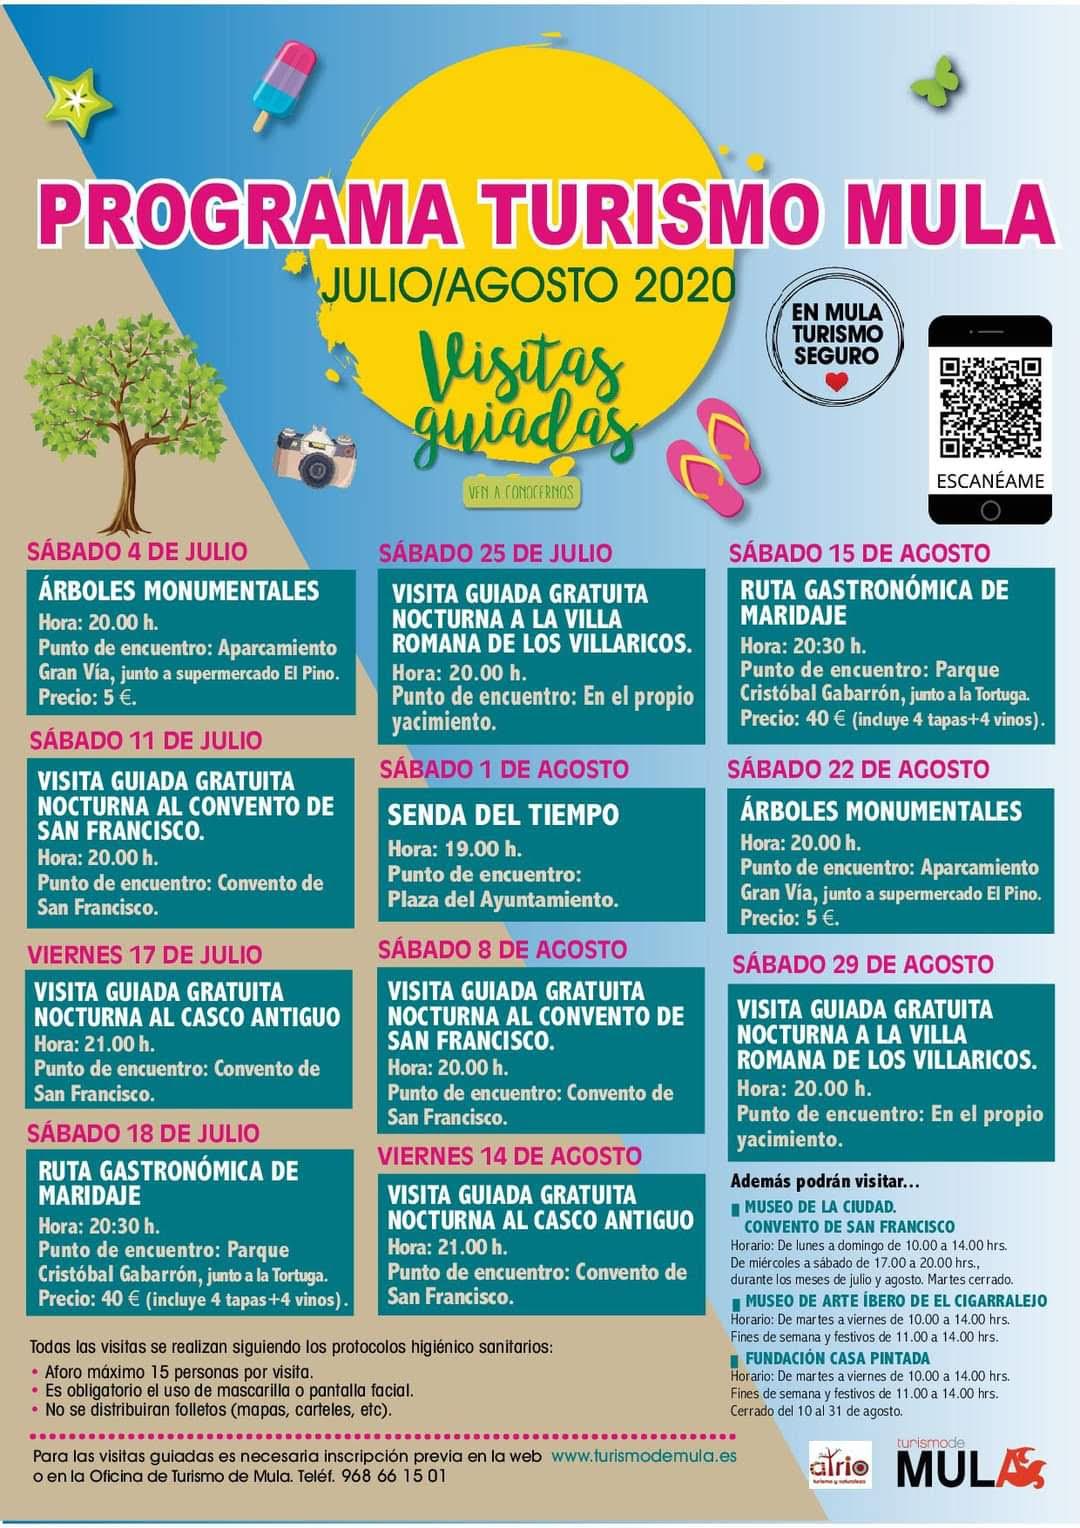 Programa Turismo Mula julio-agosto 2020